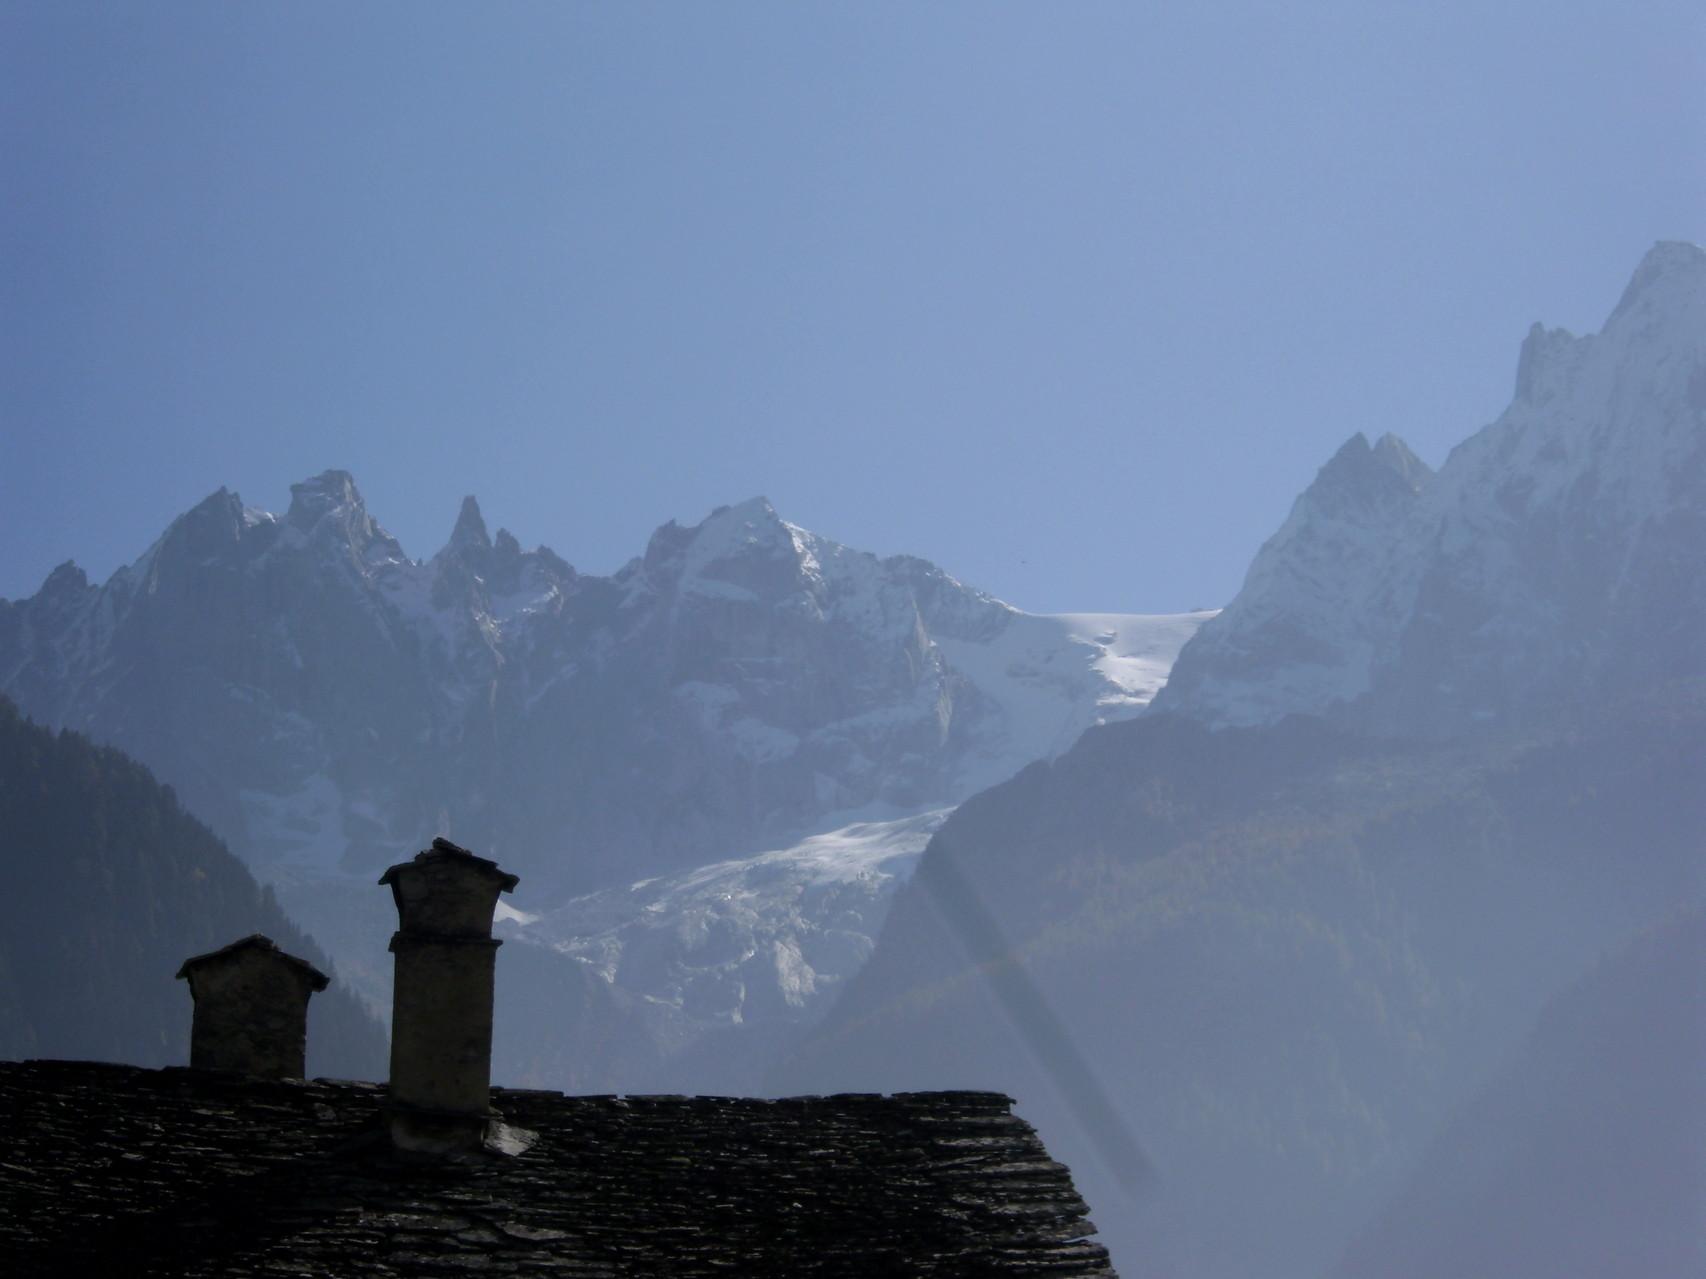 Sicht auf die Sciora-Berge